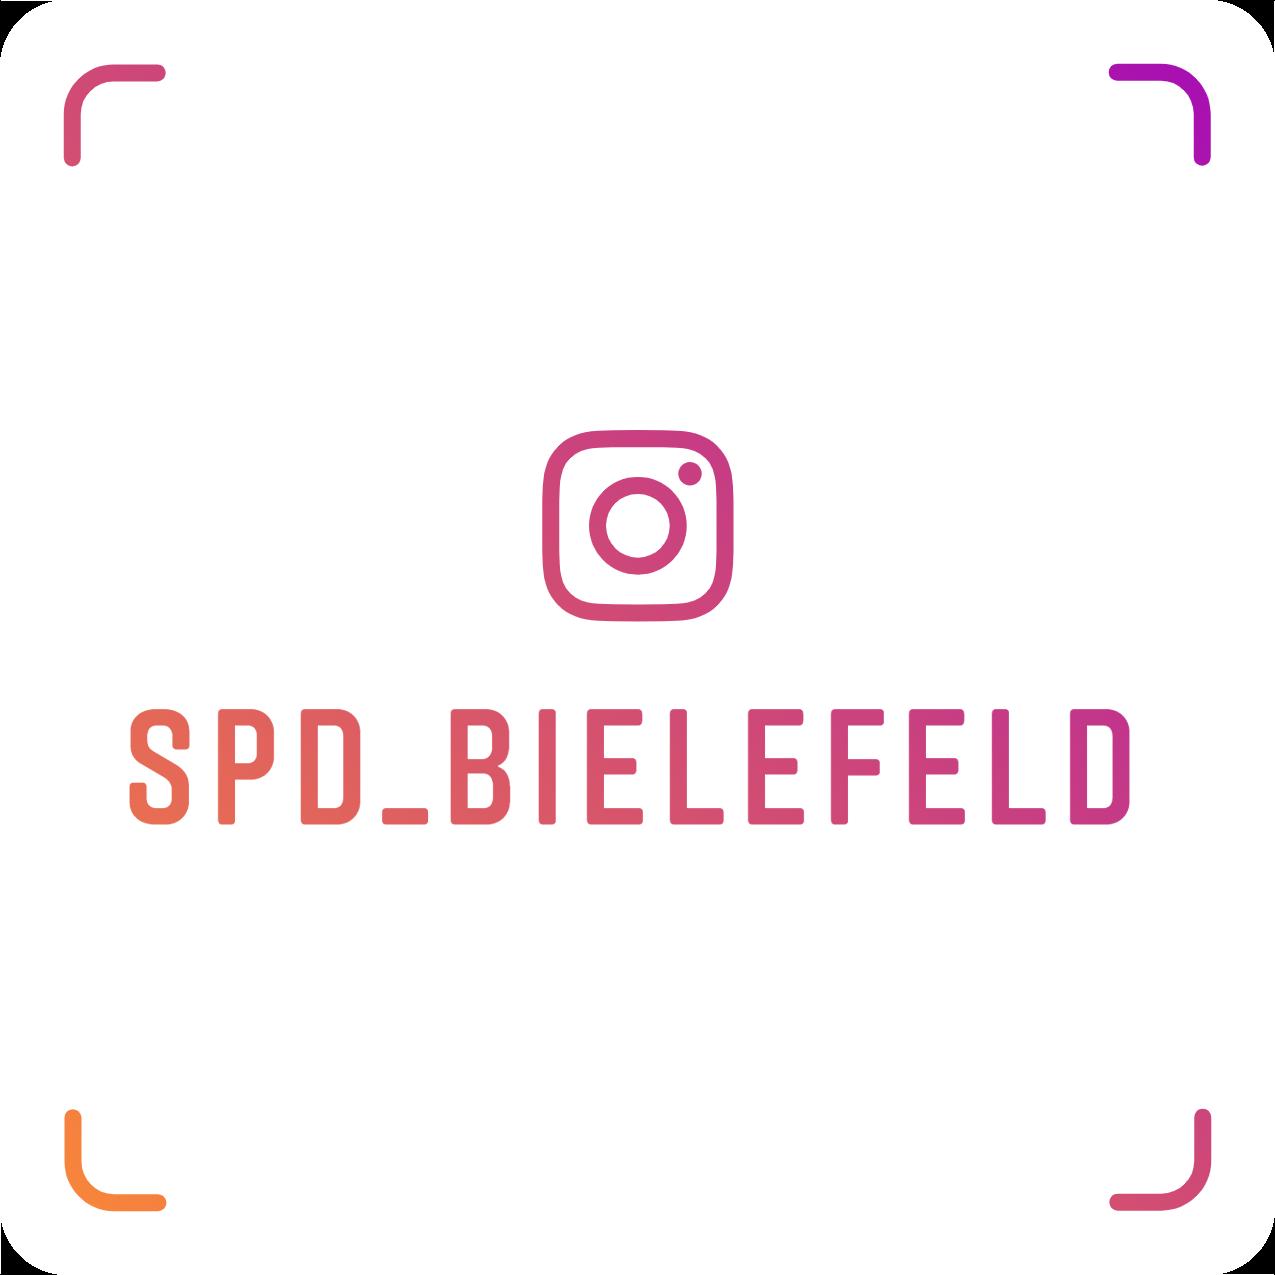 spd_bielefeld_nametag.png